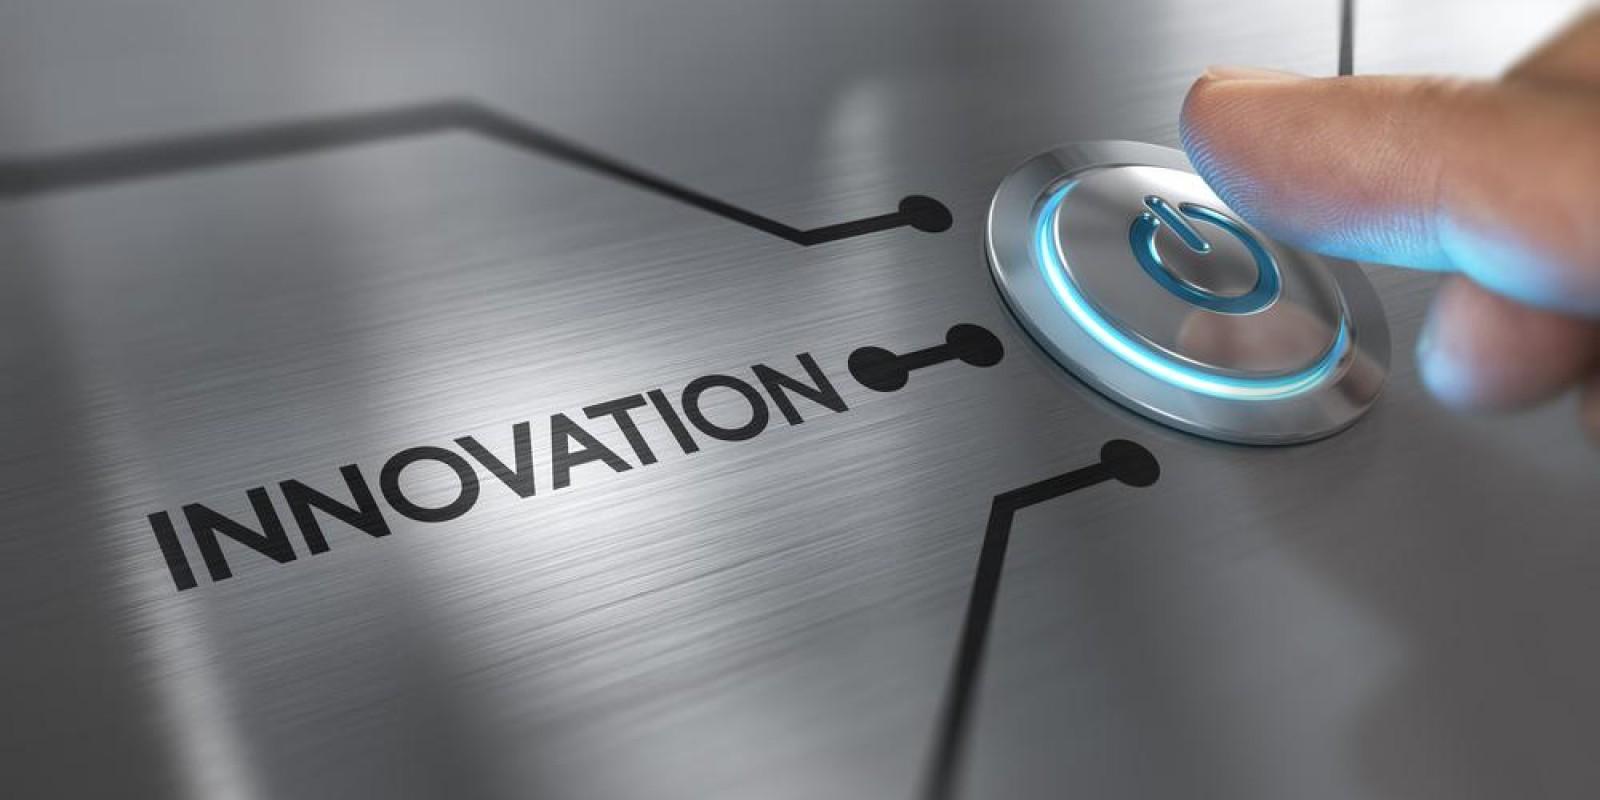 Até uma padaria pode e deve inovar, diz especialista em inovação